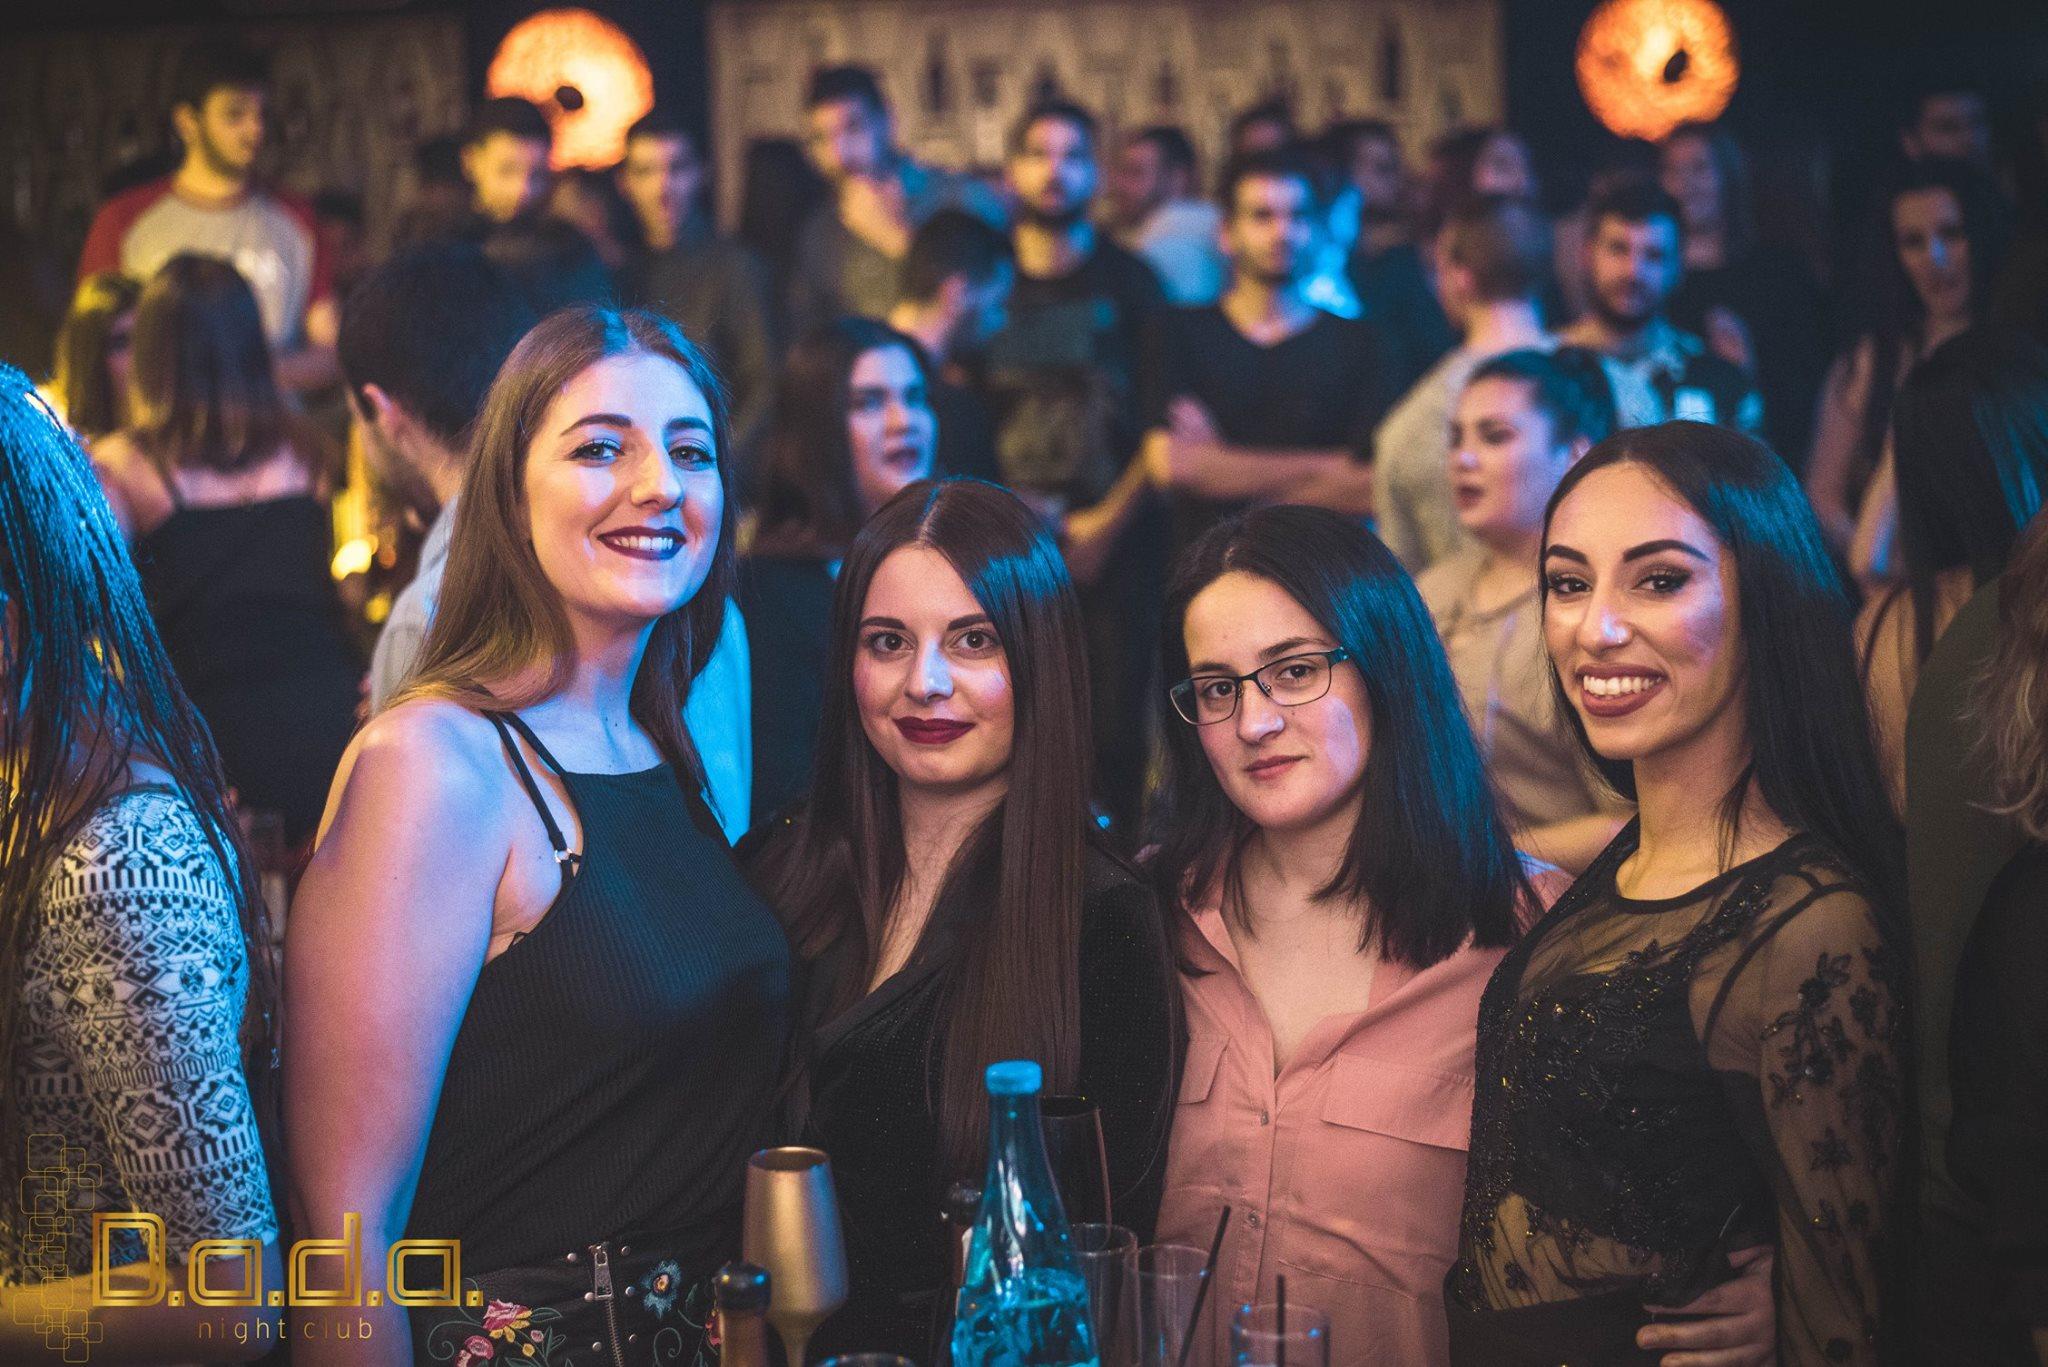 Με dance show, πυροτεχνήματα και πολύ κέφι το Ladies night party, του D.a.d.a. club στην Κοζάνη, το βράδυ της Παρασκευής 15 Δεκεμβρίου